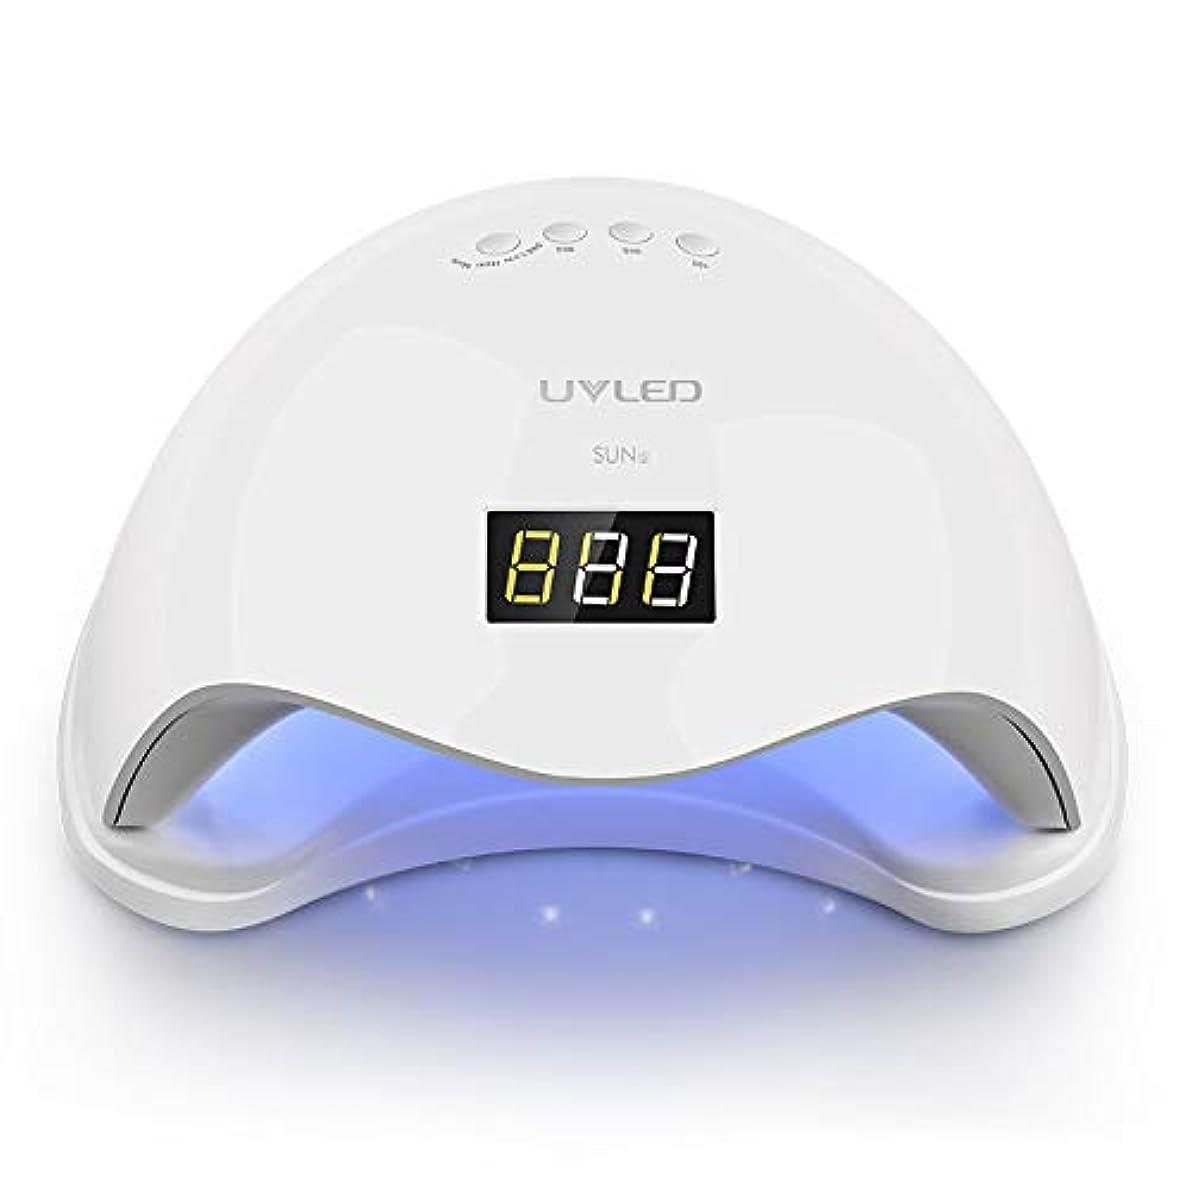 ペフ鮫電極48W USB UV LEDネイルライトネイルドライヤー硬化ゲルポーランド、インテリジェント自動センサー3タイマー設定